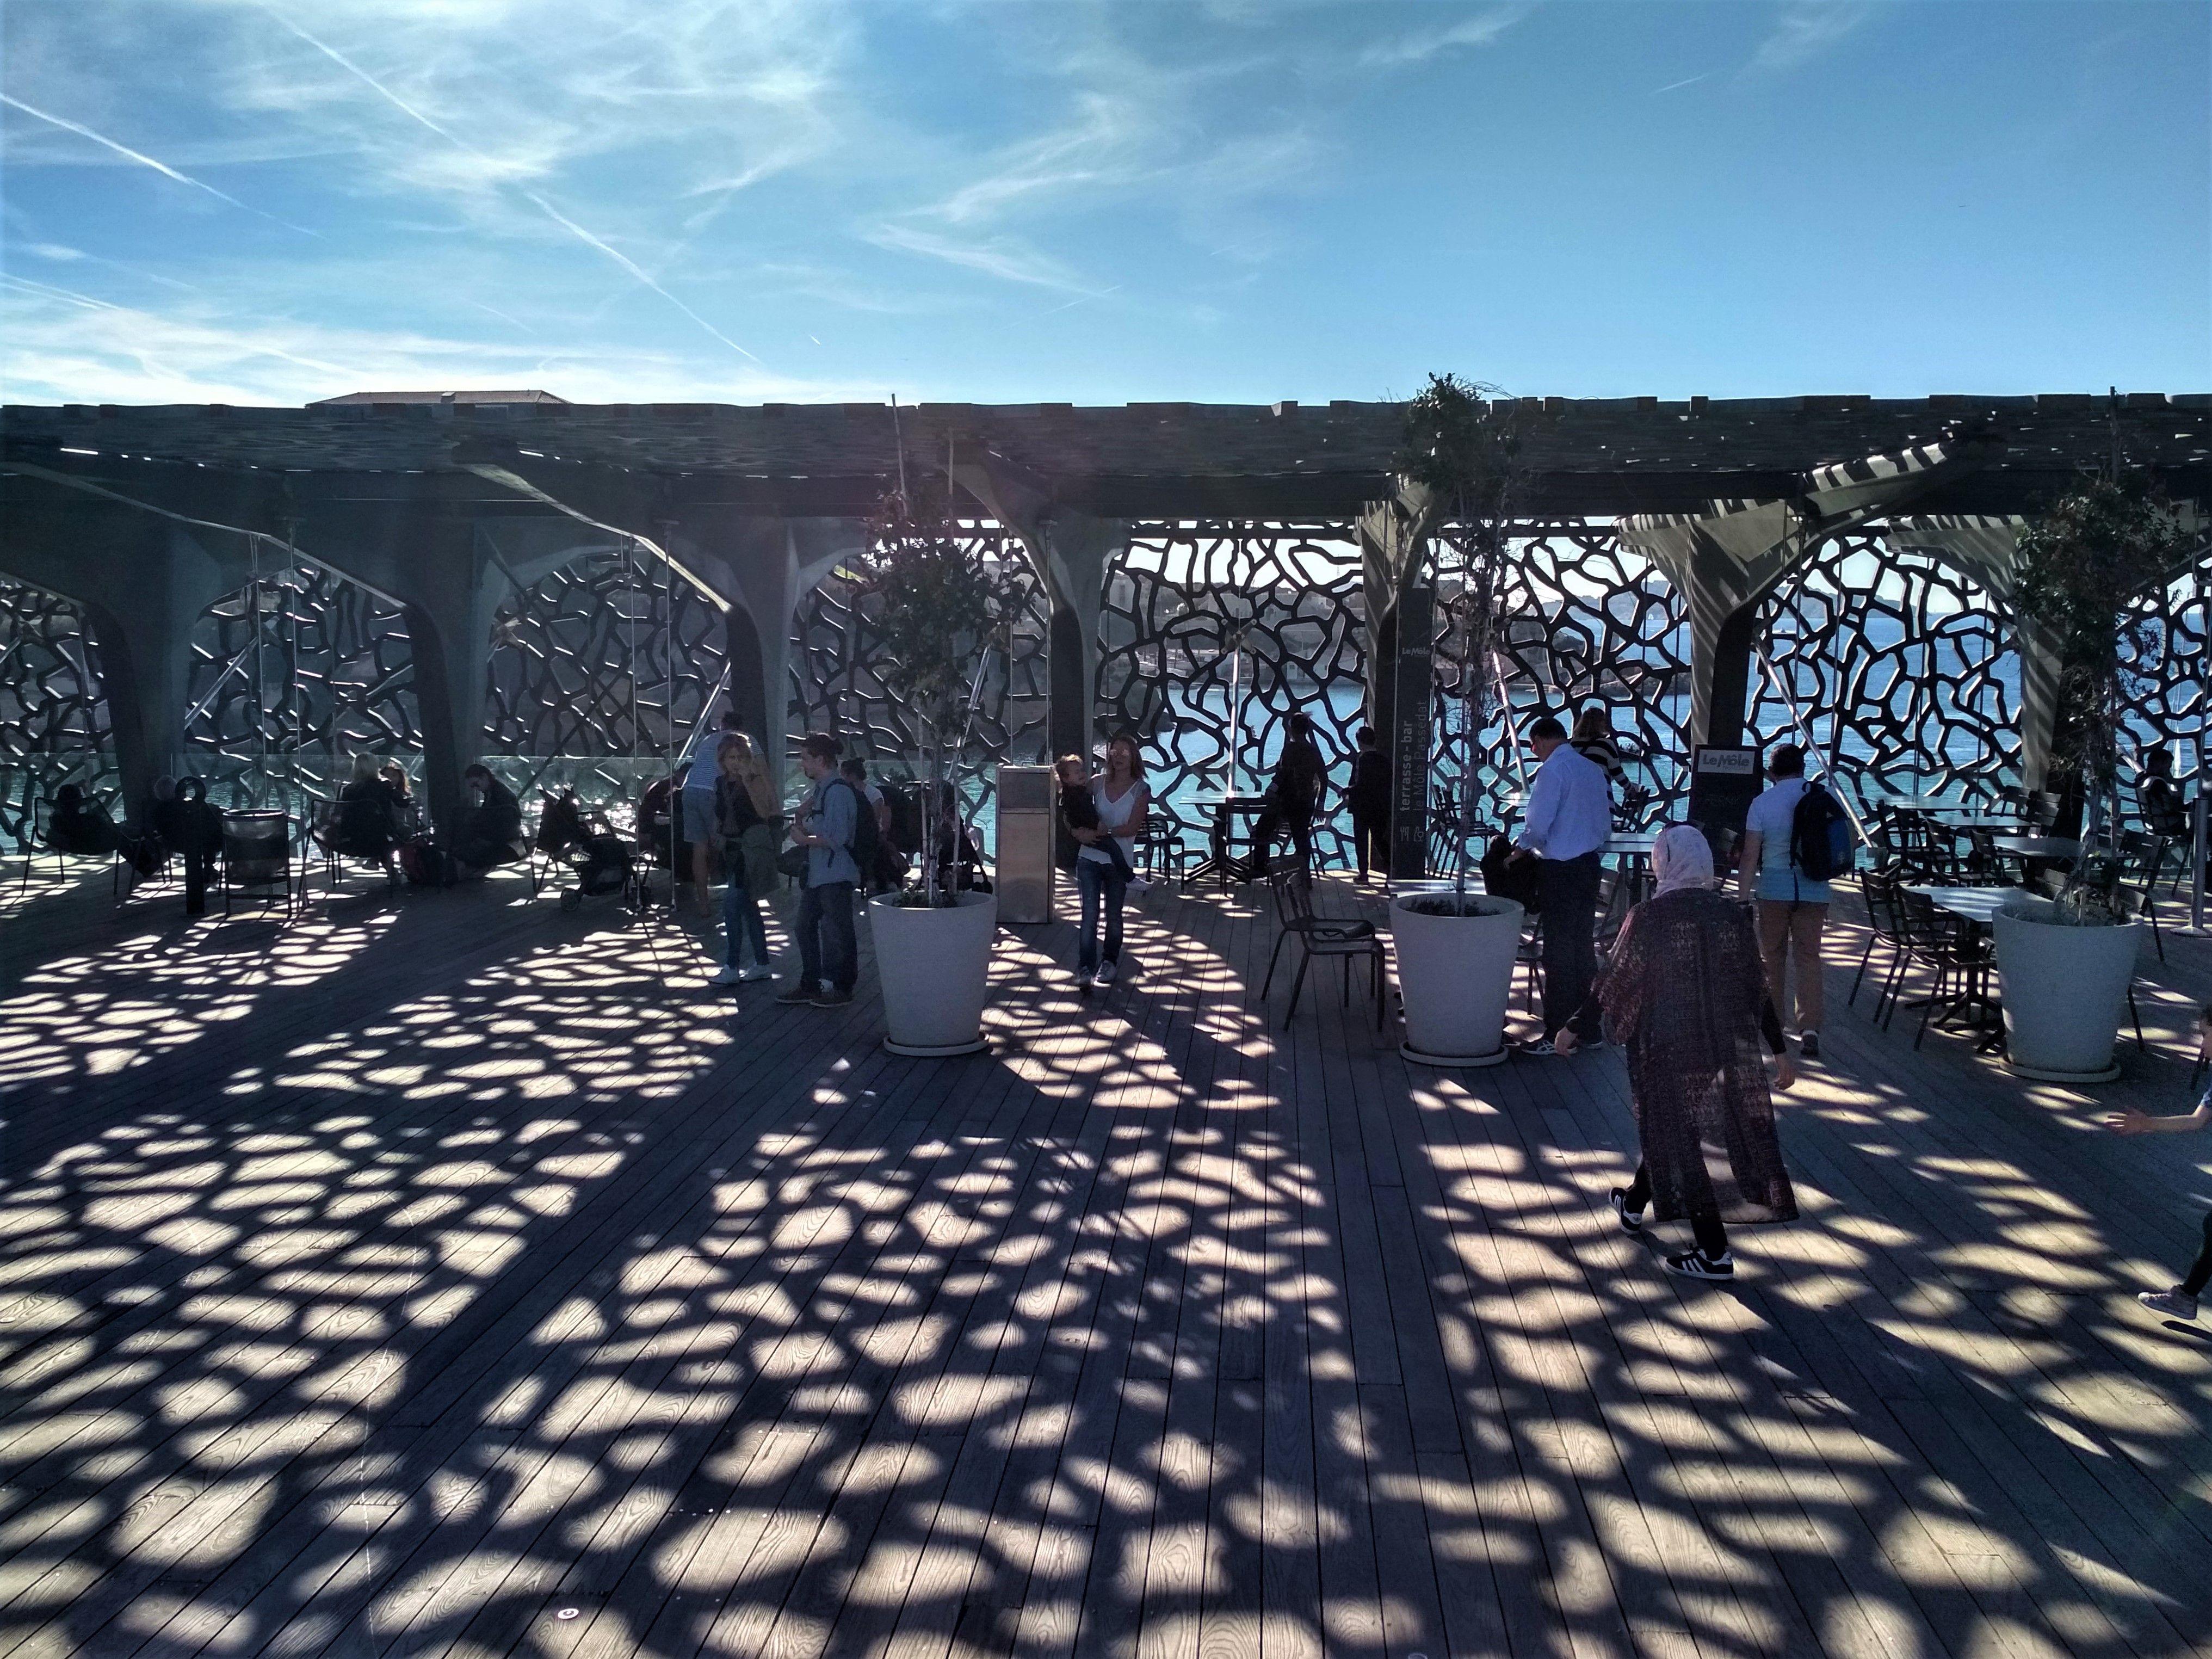 Musée des civilisations de l'Europe et de la Méditerranée (Mucem), Marseille: All Year